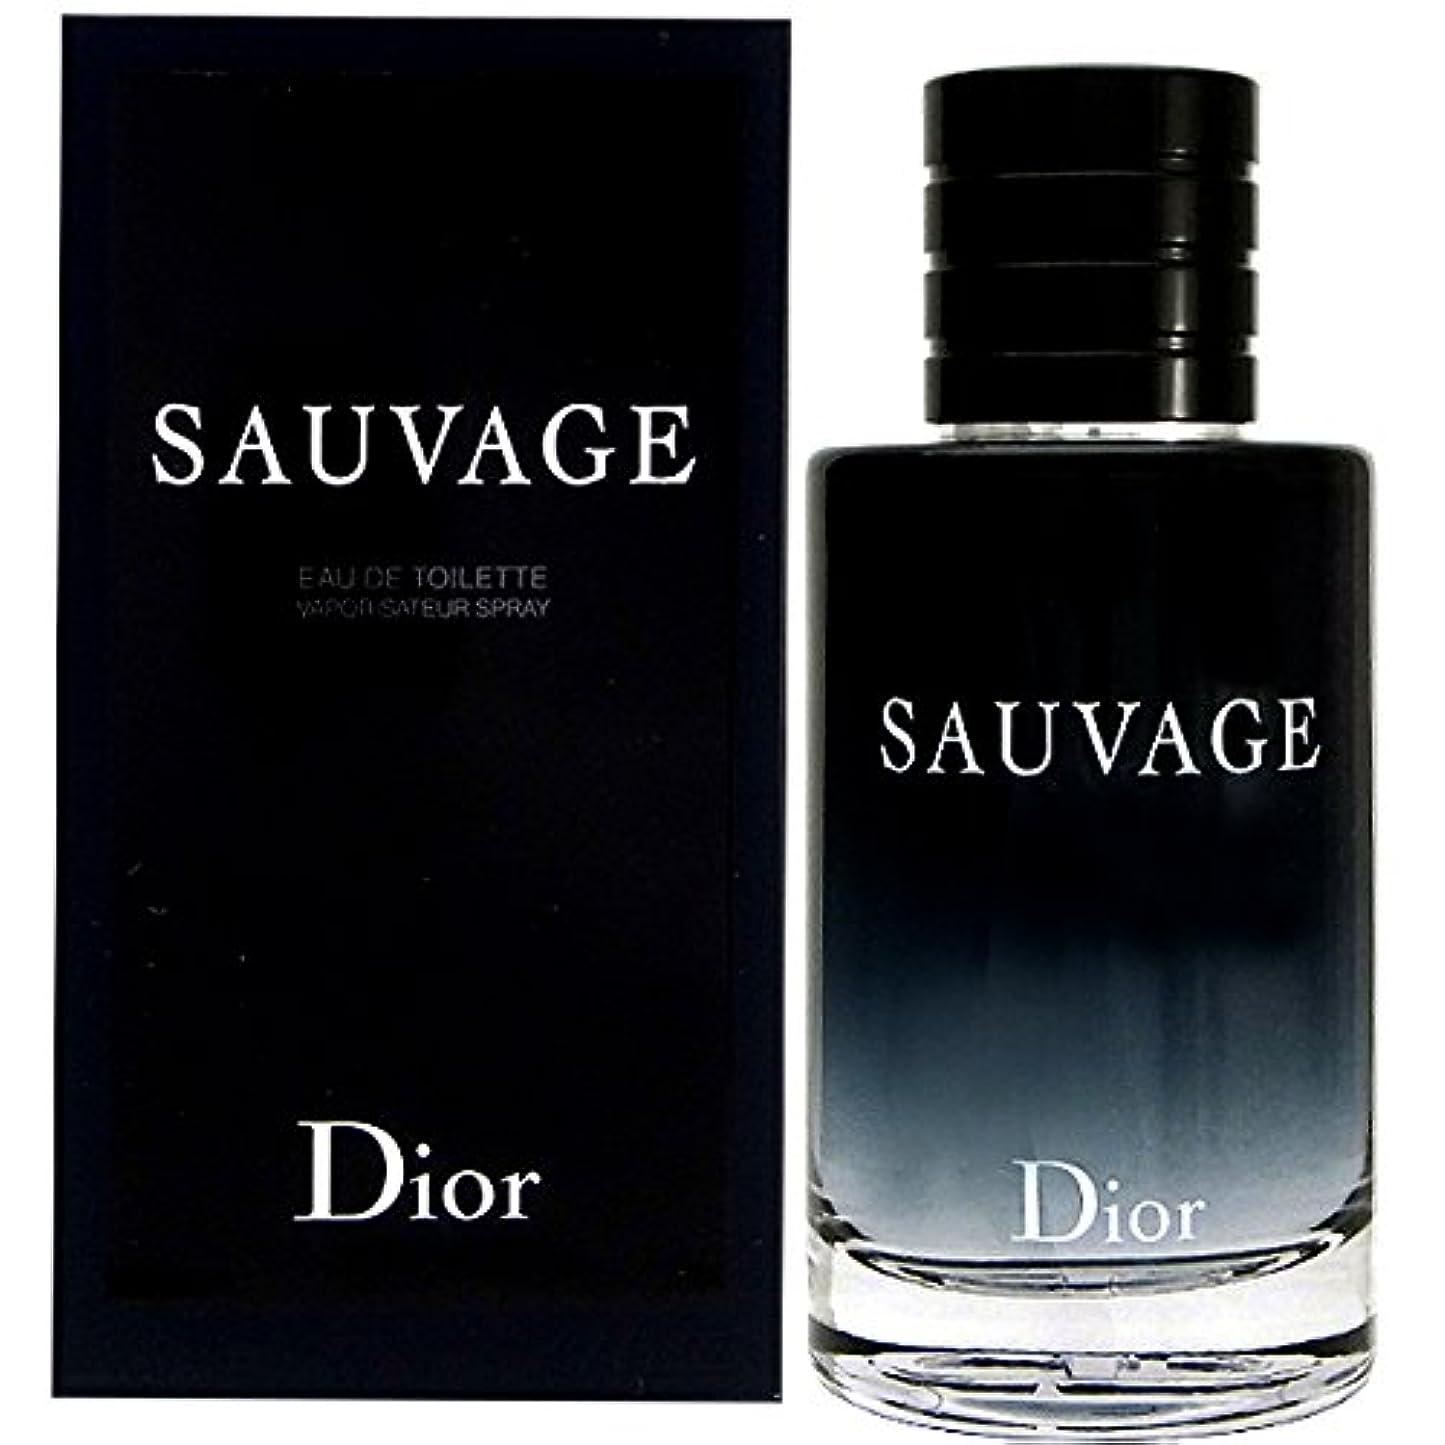 広告一般的に人道的クリスチャンディオール Christian Dior ソヴァージュ 100ml EDT オードトワレ メンズ(香水) [並行輸入品]